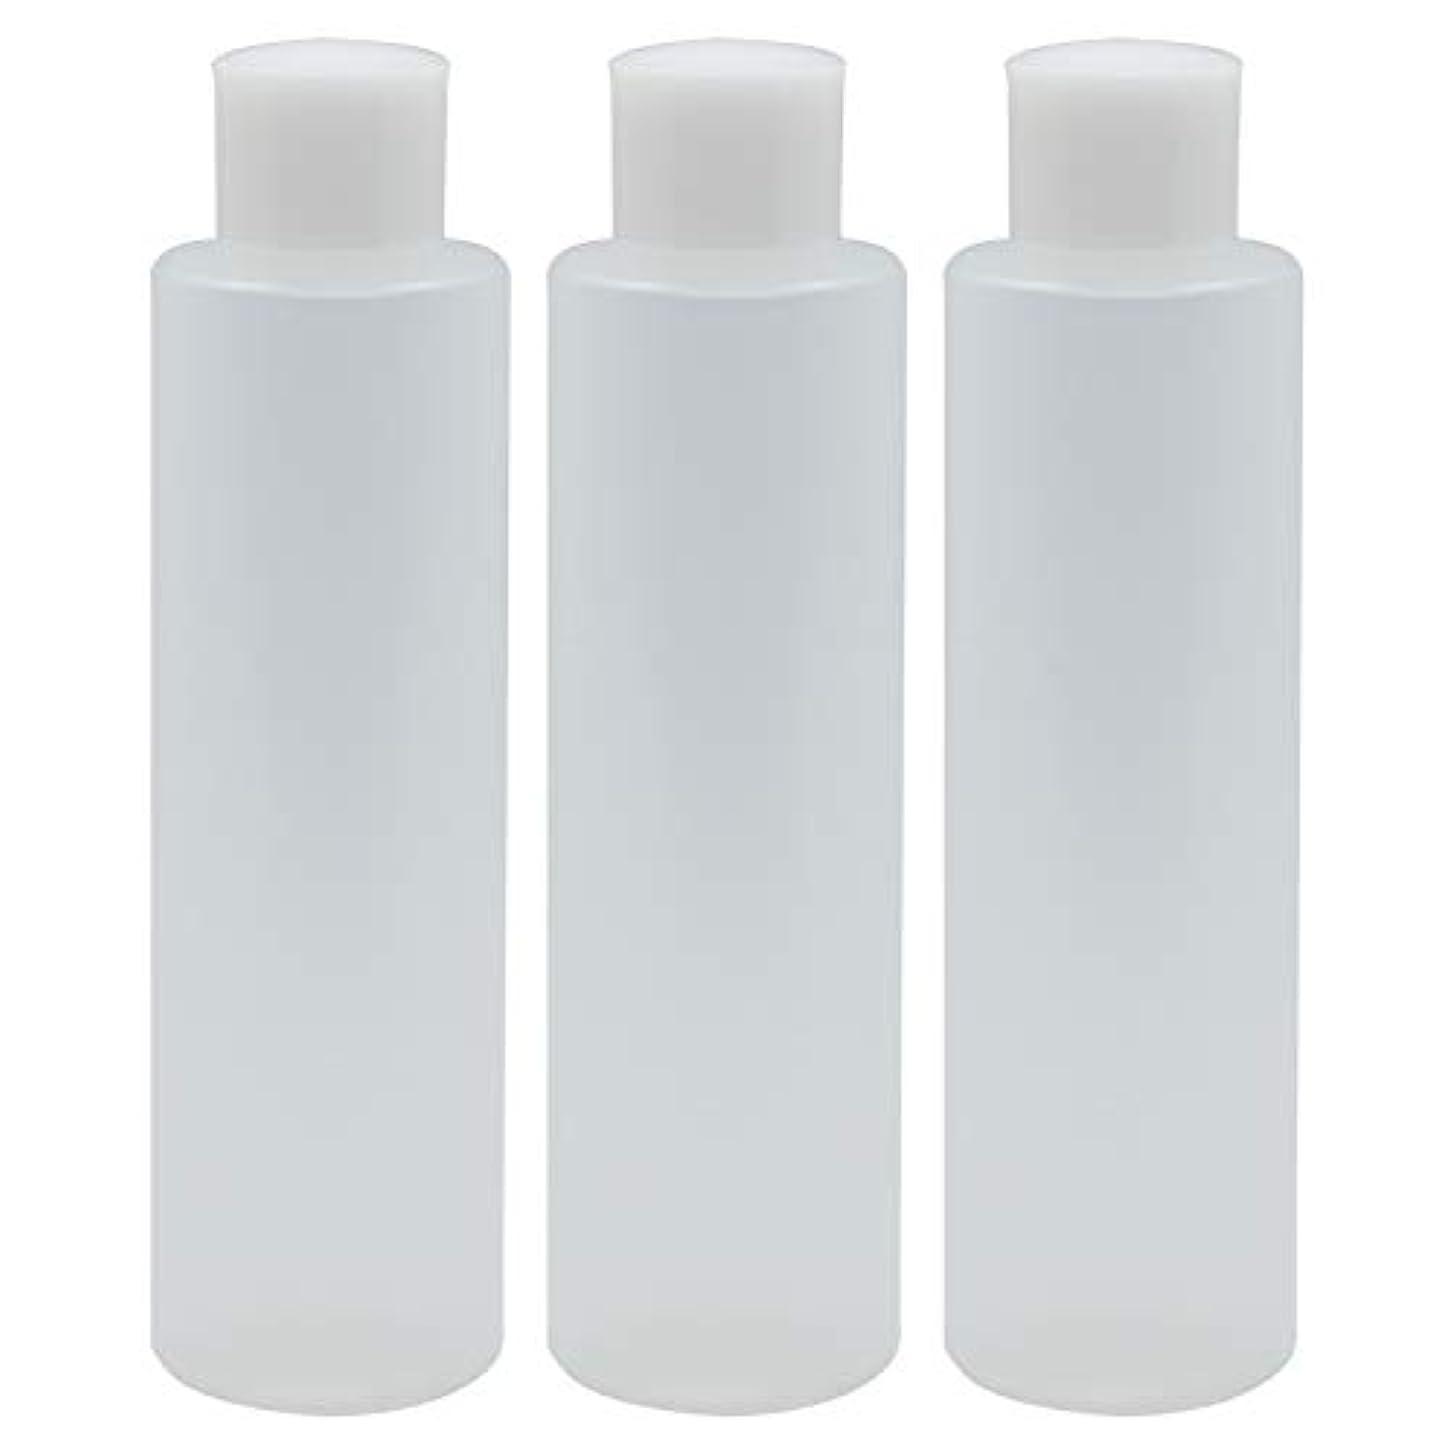 例チップ検体日本製 PPボトル 半透明 スクリューキャップ 中栓付き 3本セット